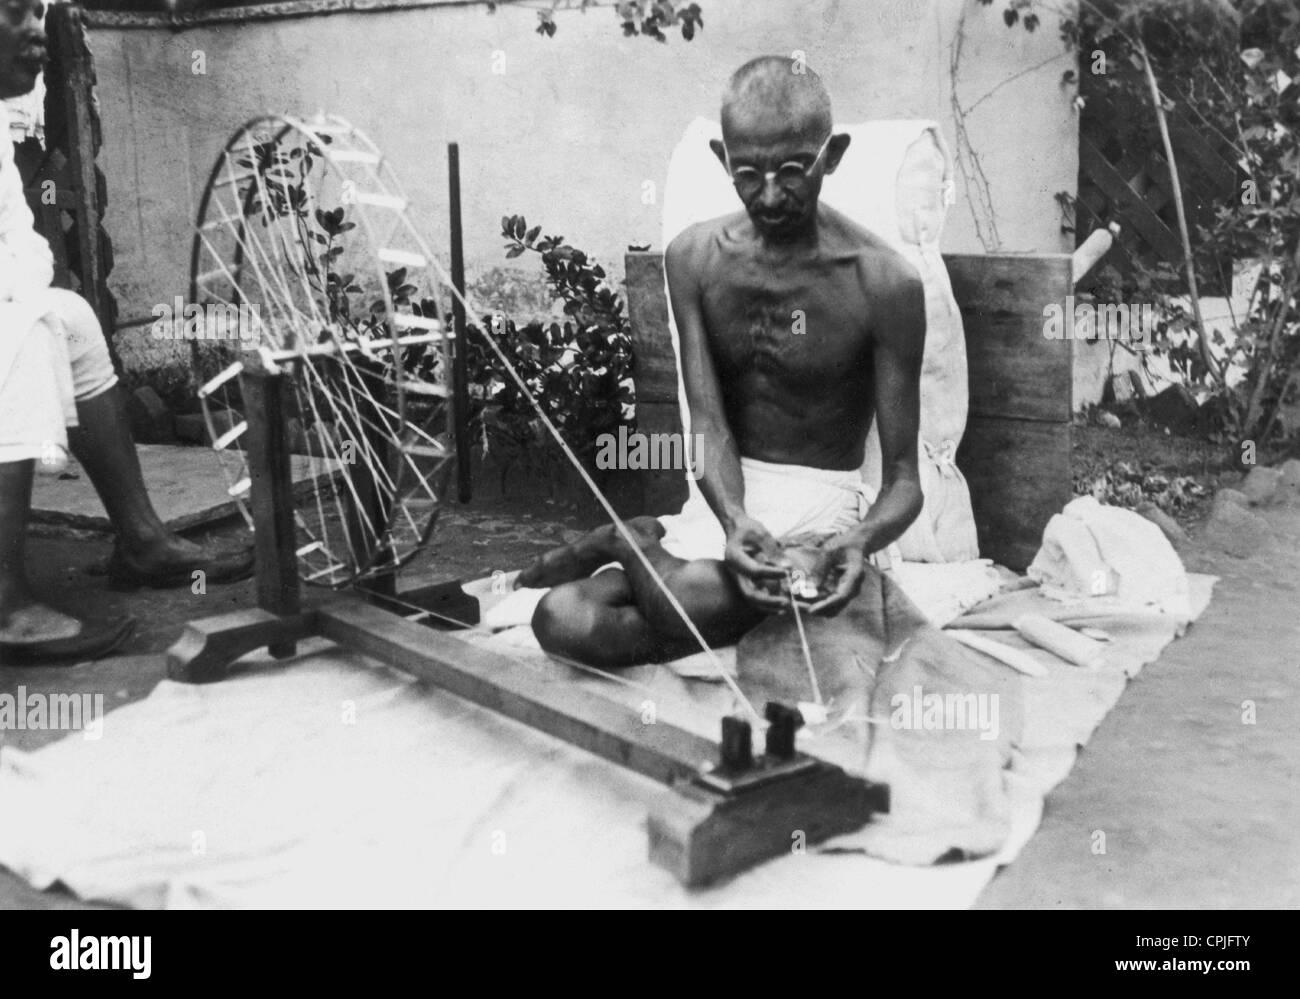 Gandhi using a Spinning Wheel (b/w photo) - Stock Image